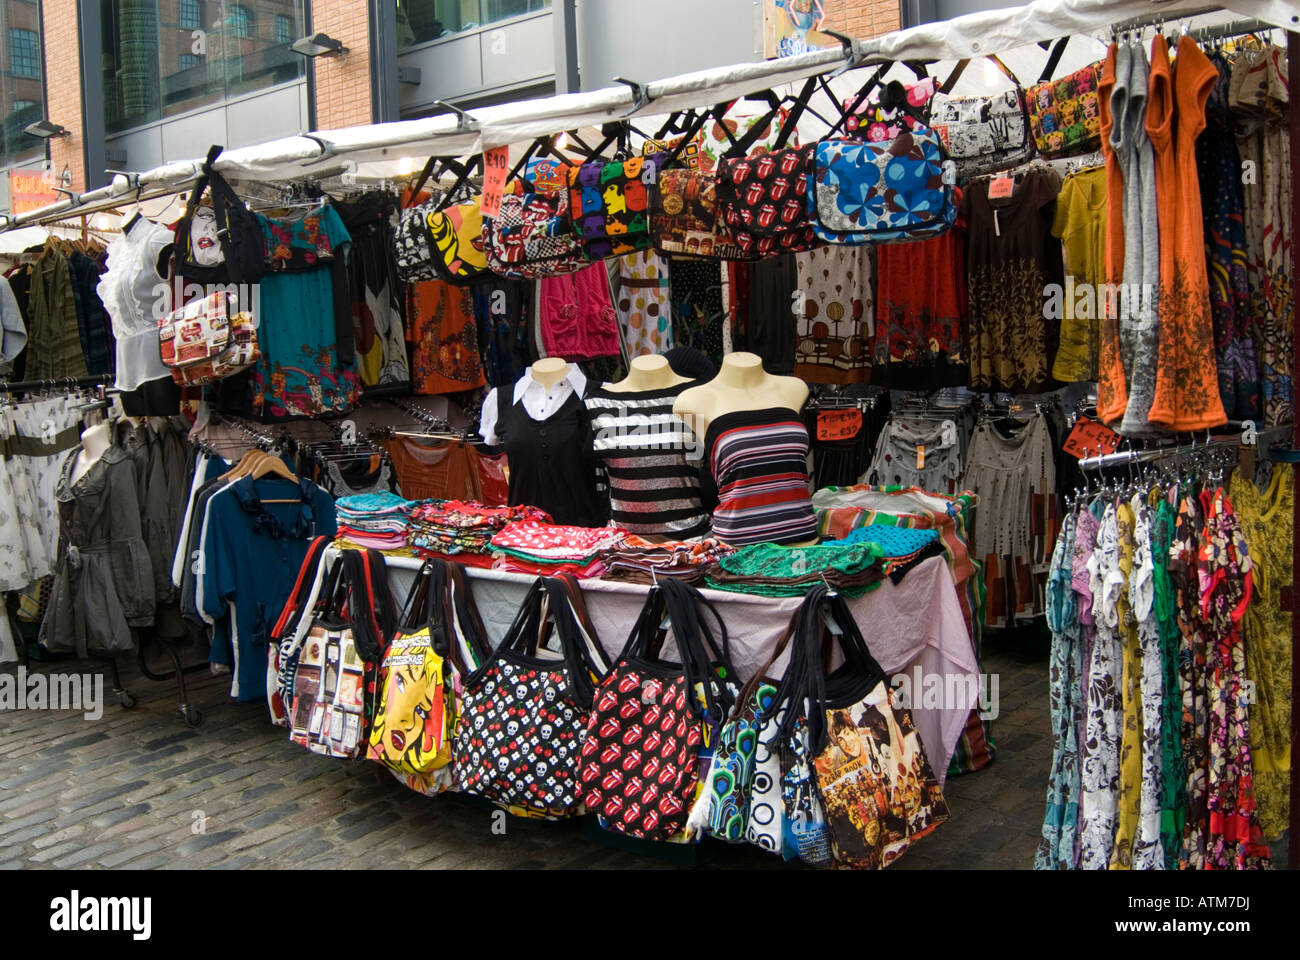 Camden market clothes